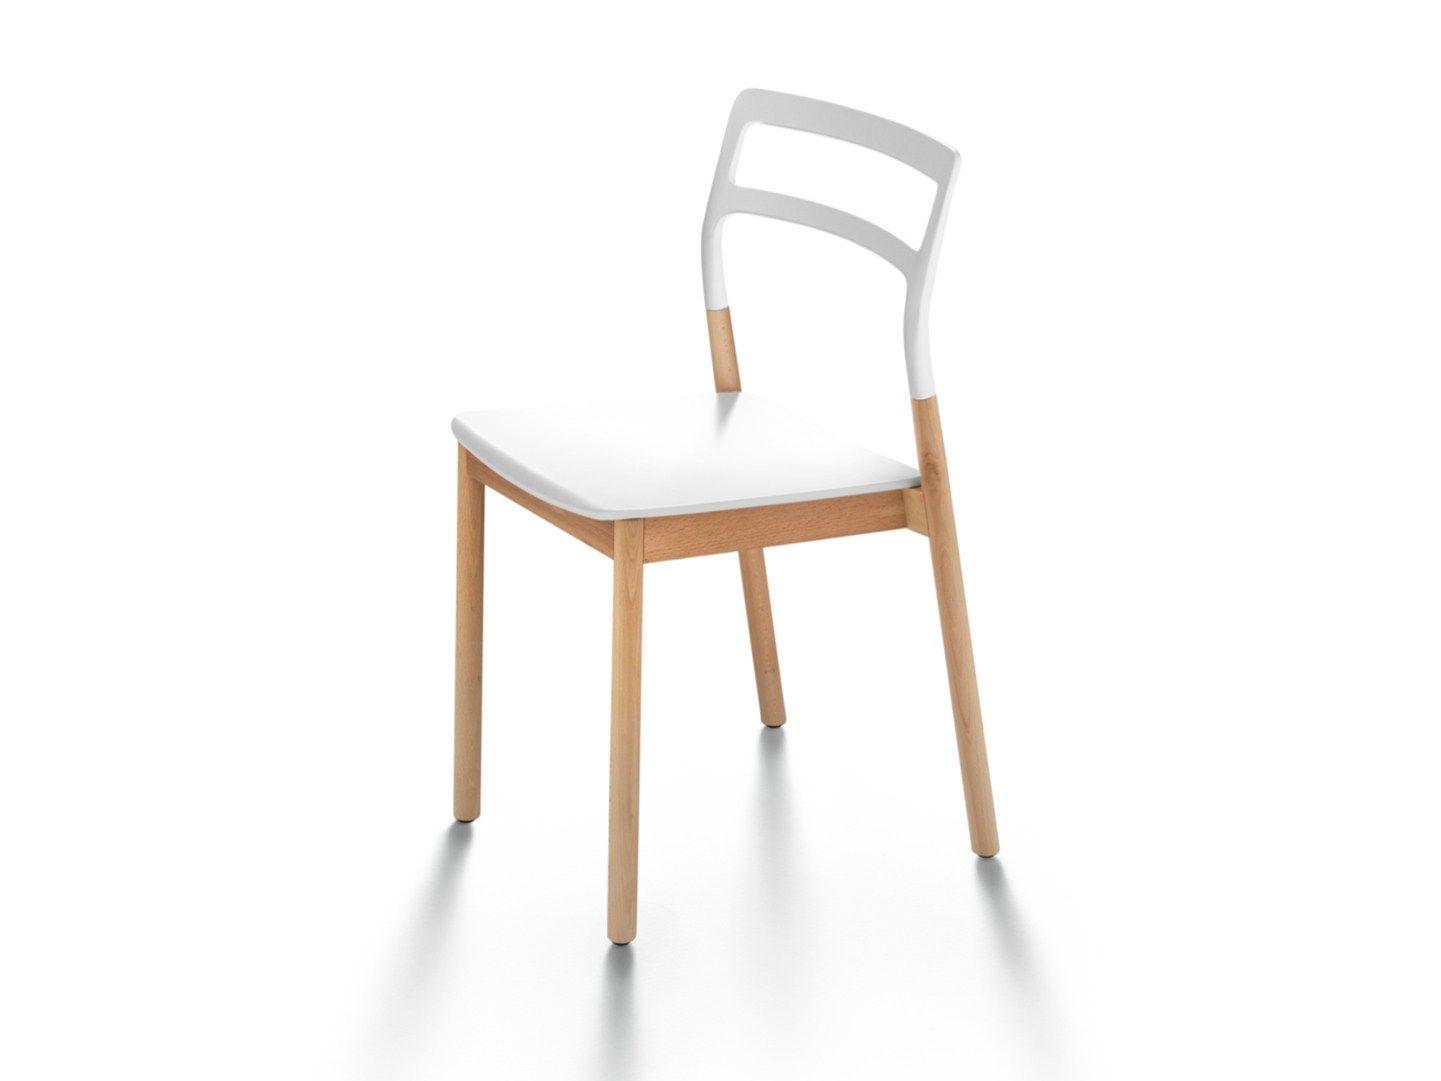 Tavoli In Plastica Impilabili.Sedia Impilabile In Legno Massello E Plastica Florinda By De